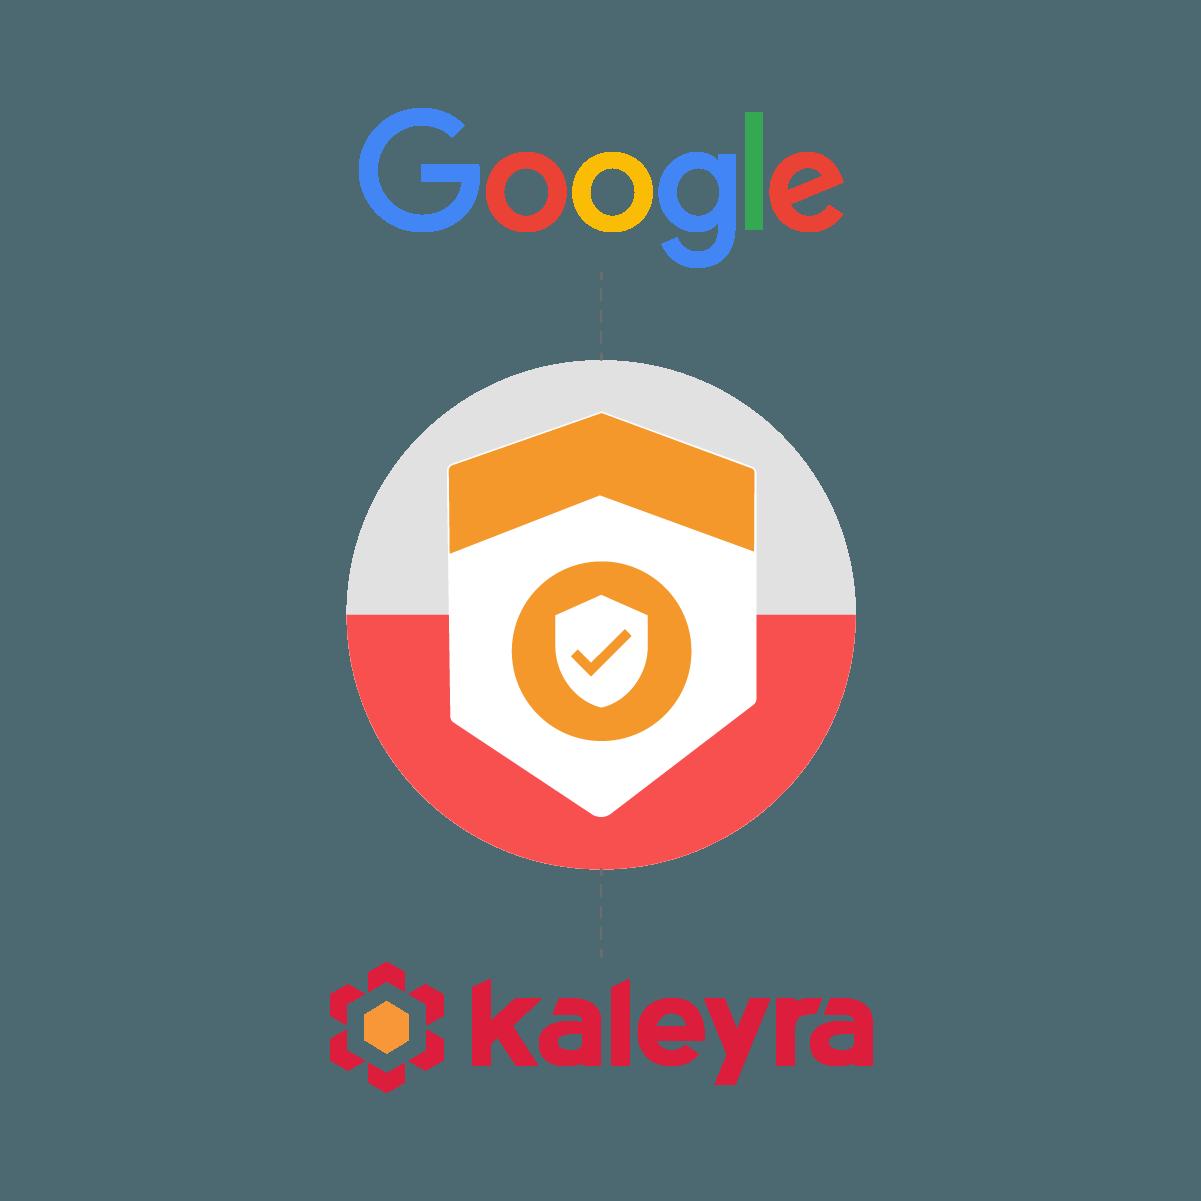 Google and Kaleyra Partnership